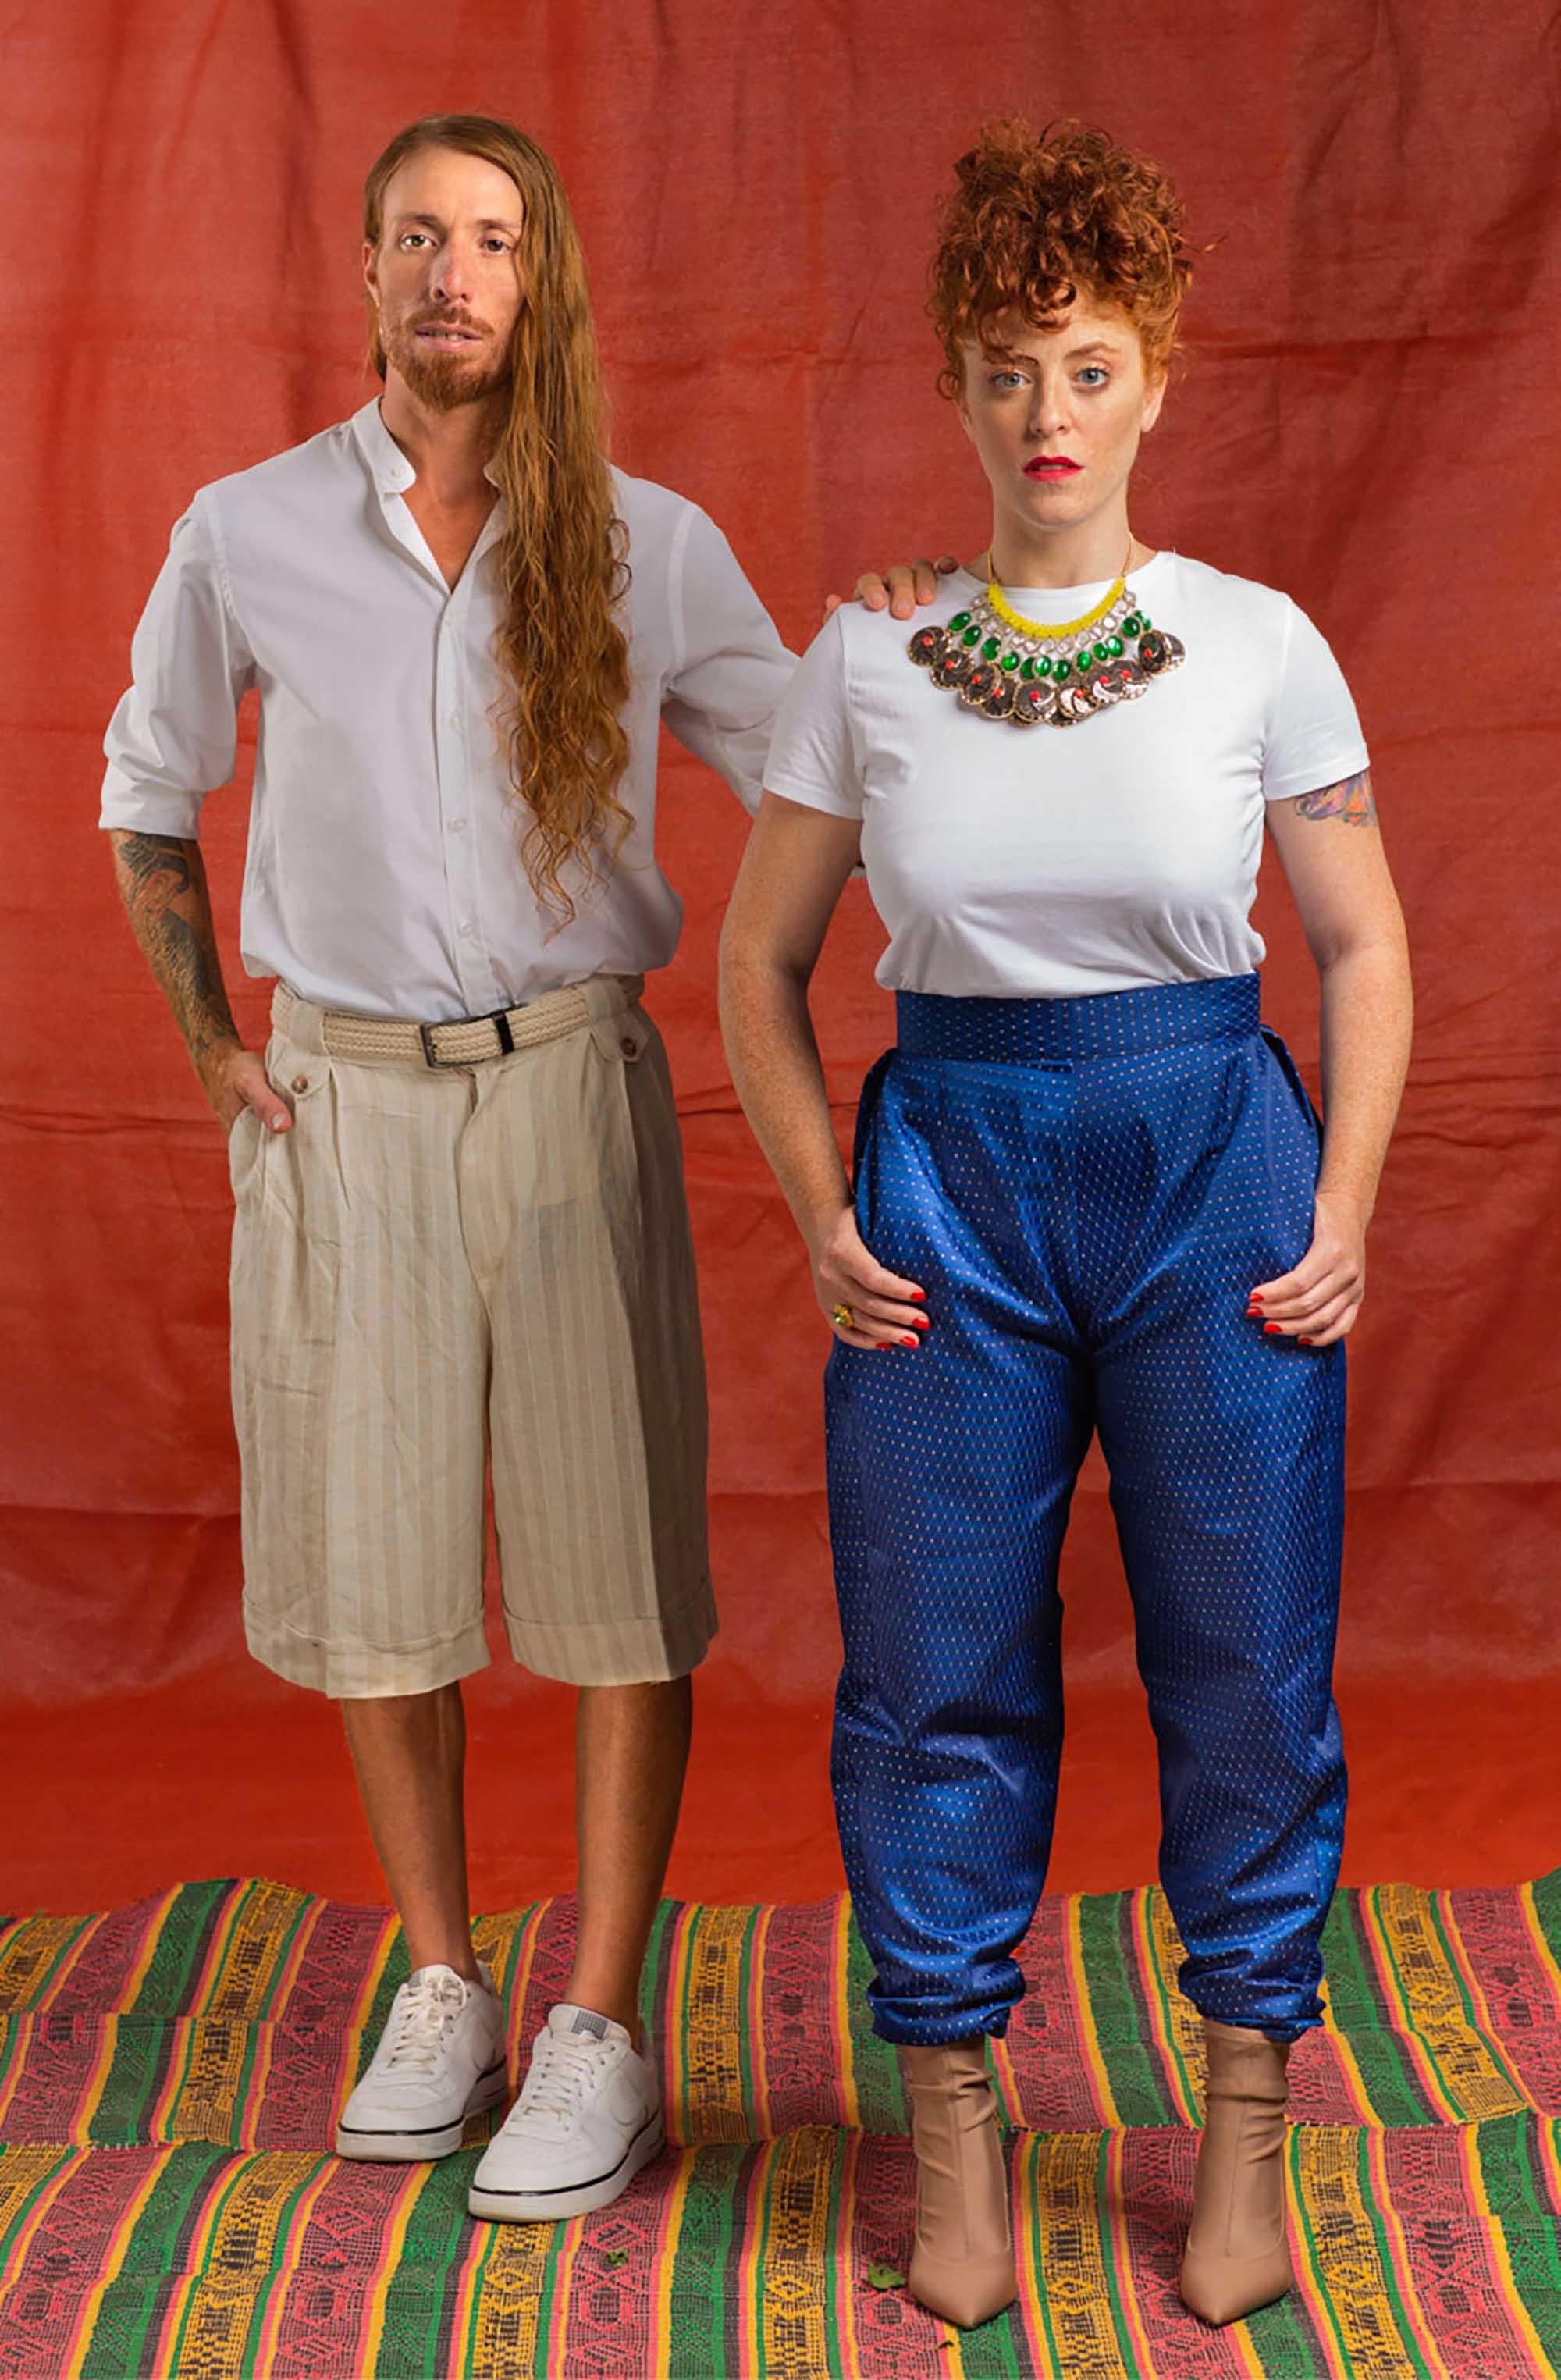 מפיק וצלם: נמרוד בר-און, סטיילינג: כרמן ברזיל, הודיה פיינגולד, איפור ועיצוב שיער: צופית ליבמן, דוגמנים: רונה שגב, איציק פרדו, עוזר צלם: שי בראל6 - 2020 חדשות אופנה 2020, כתבות אופנה 2020, טרנדים 2020, מגזין אופנה ישראלי, אופנה, Fashion Israel